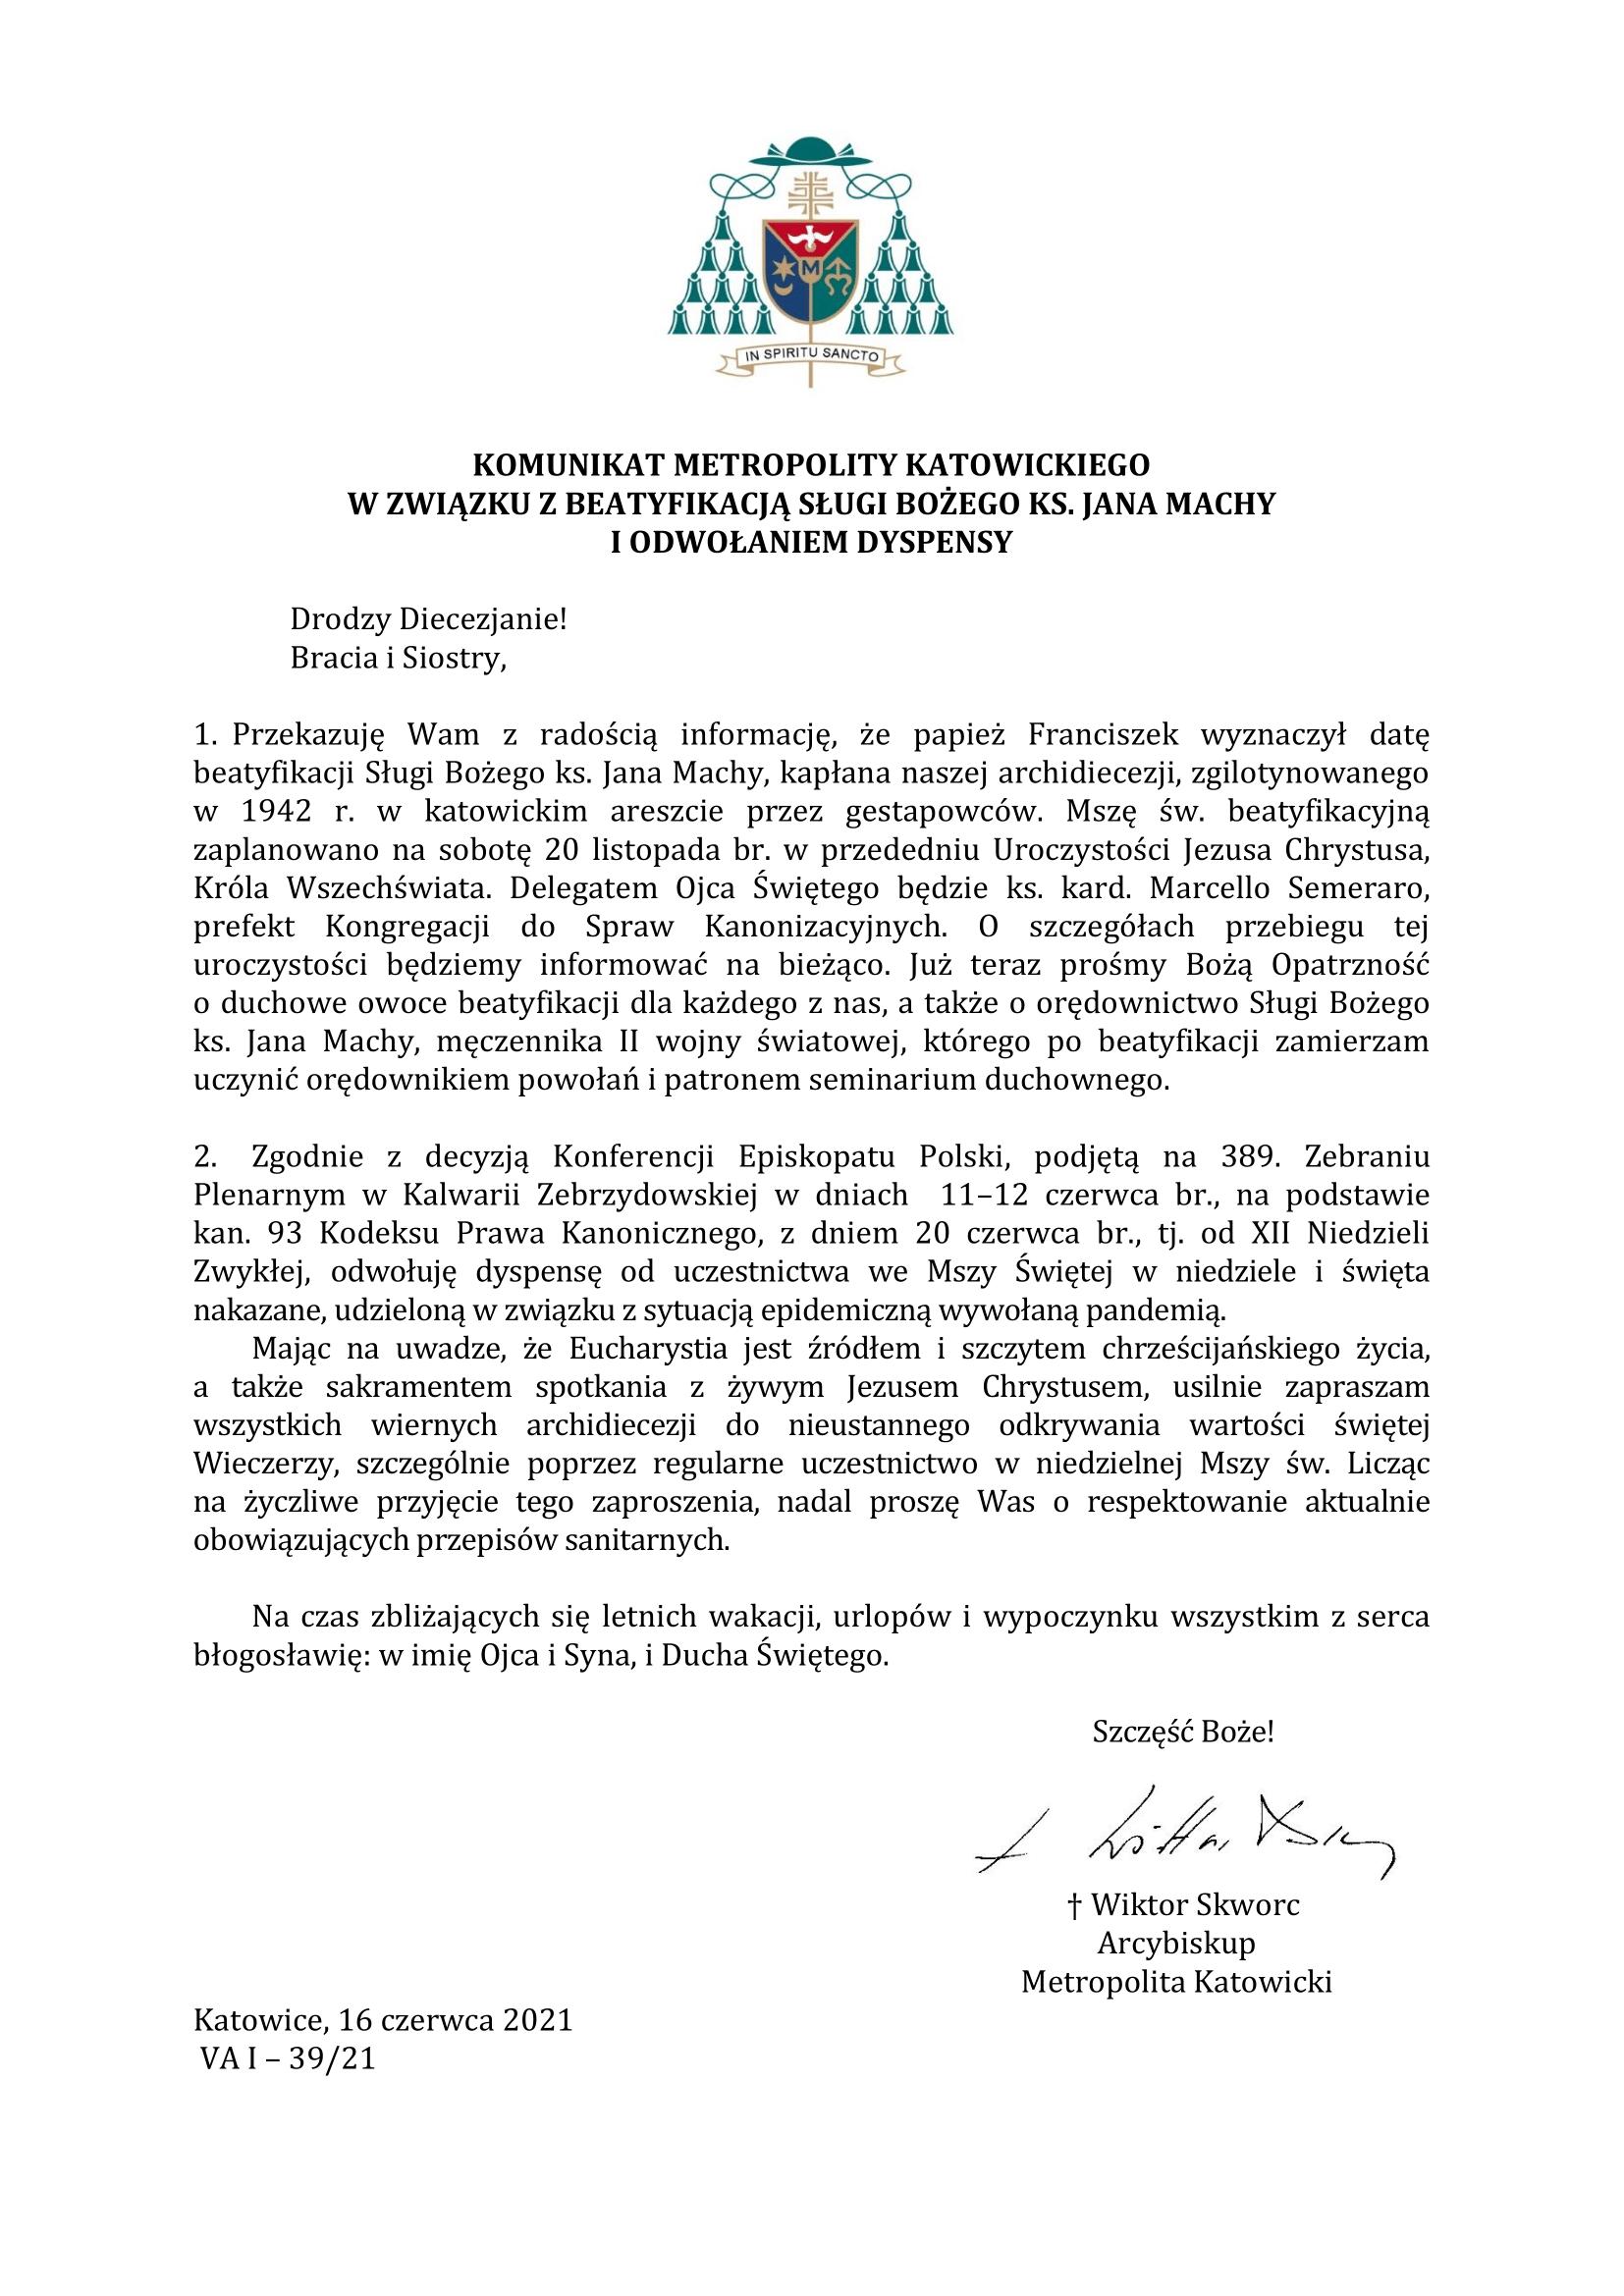 Abp Komunikat w zwiazku z beatyfikacja i odwo aniem dyspensy 1